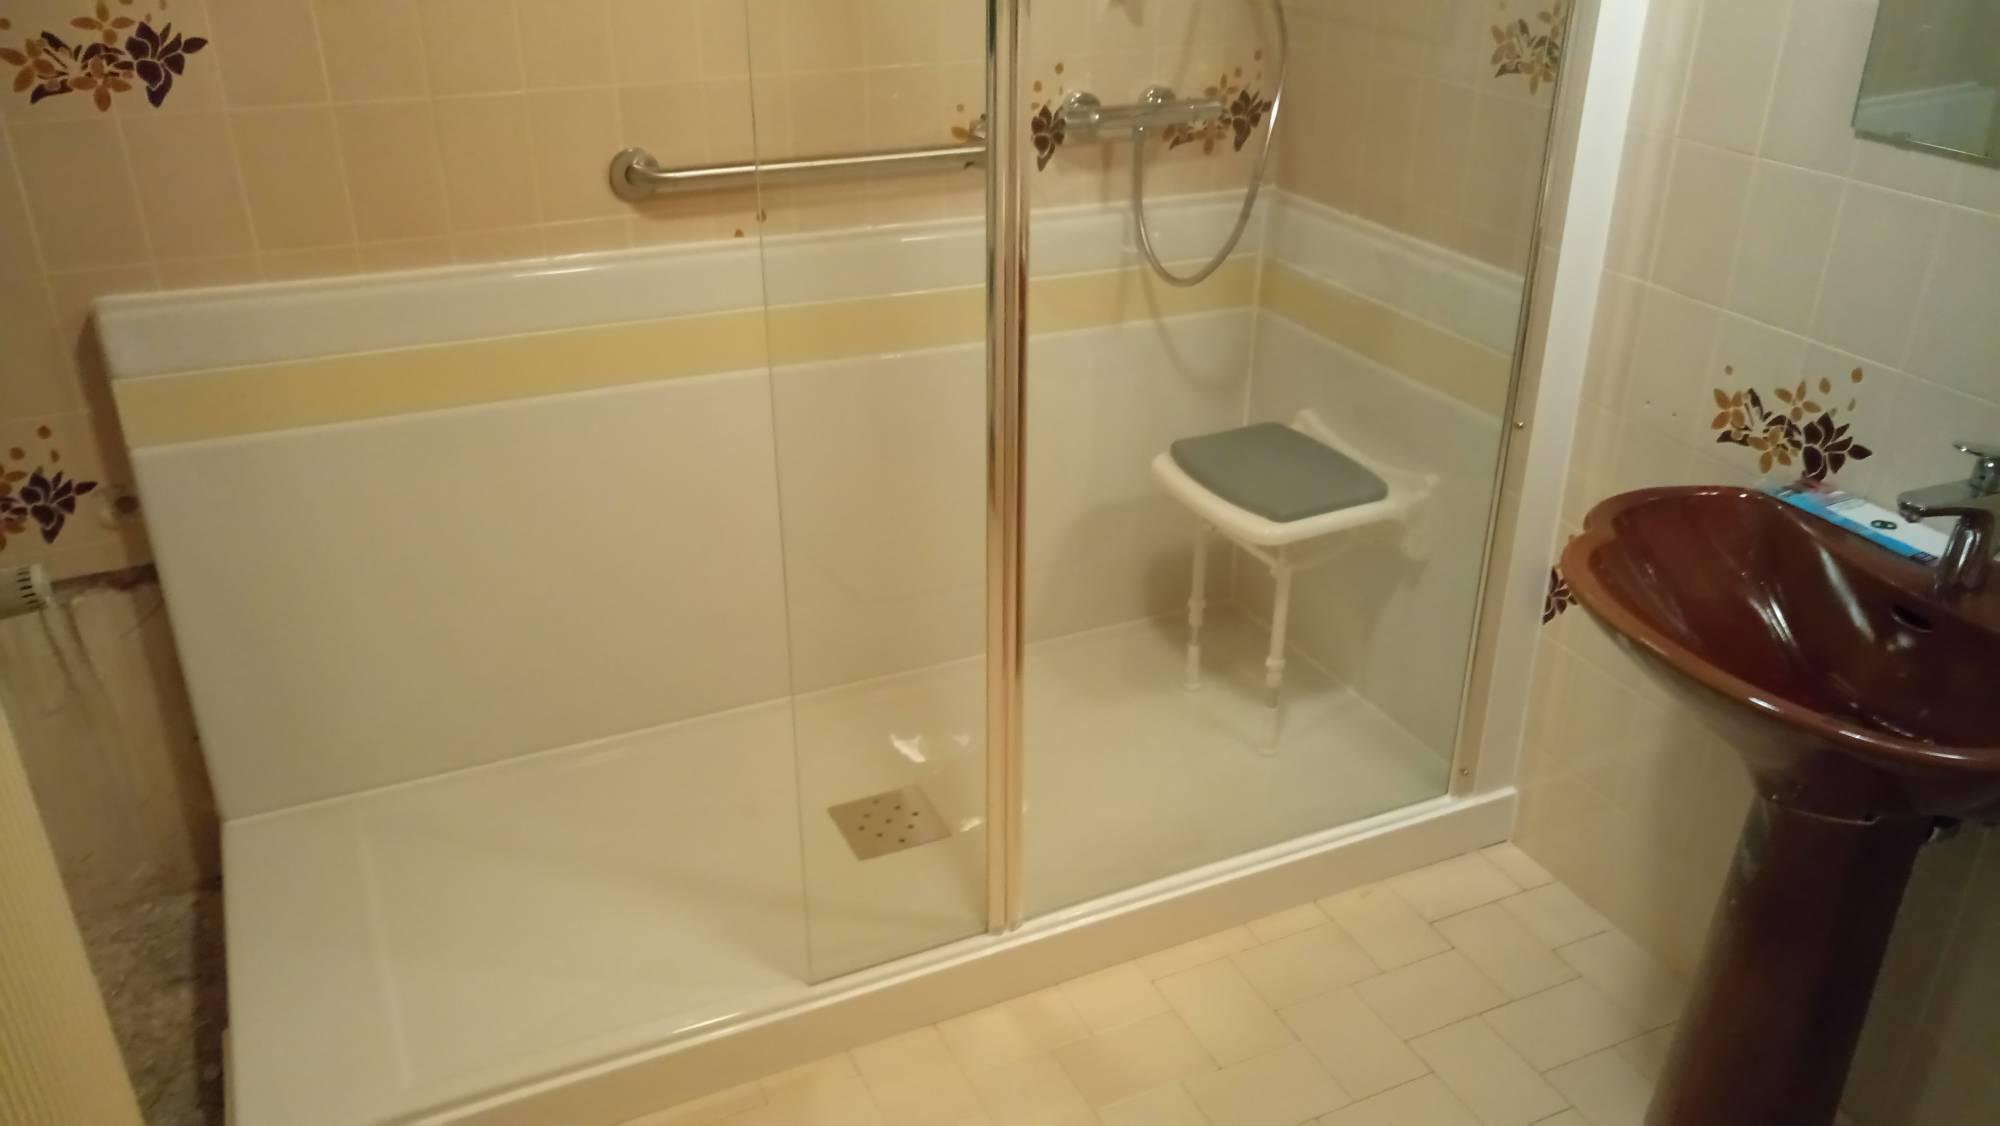 remplacement de la baignoire en bac douche en juillet. Black Bedroom Furniture Sets. Home Design Ideas